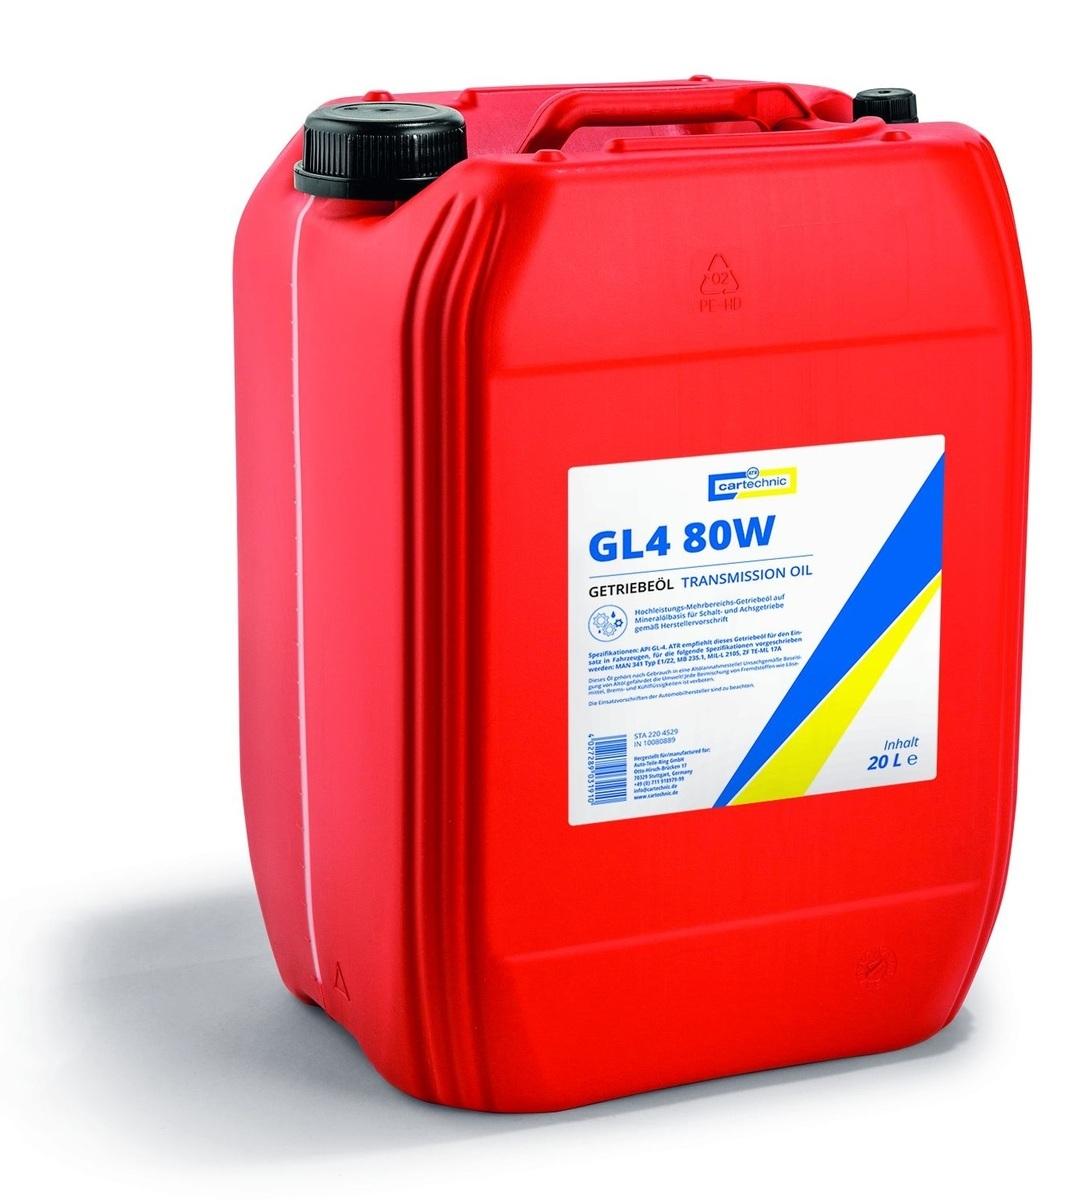 Převodový olej GL4 80W-90, pro manuální převodovky, 20 litrů - Cartechnic